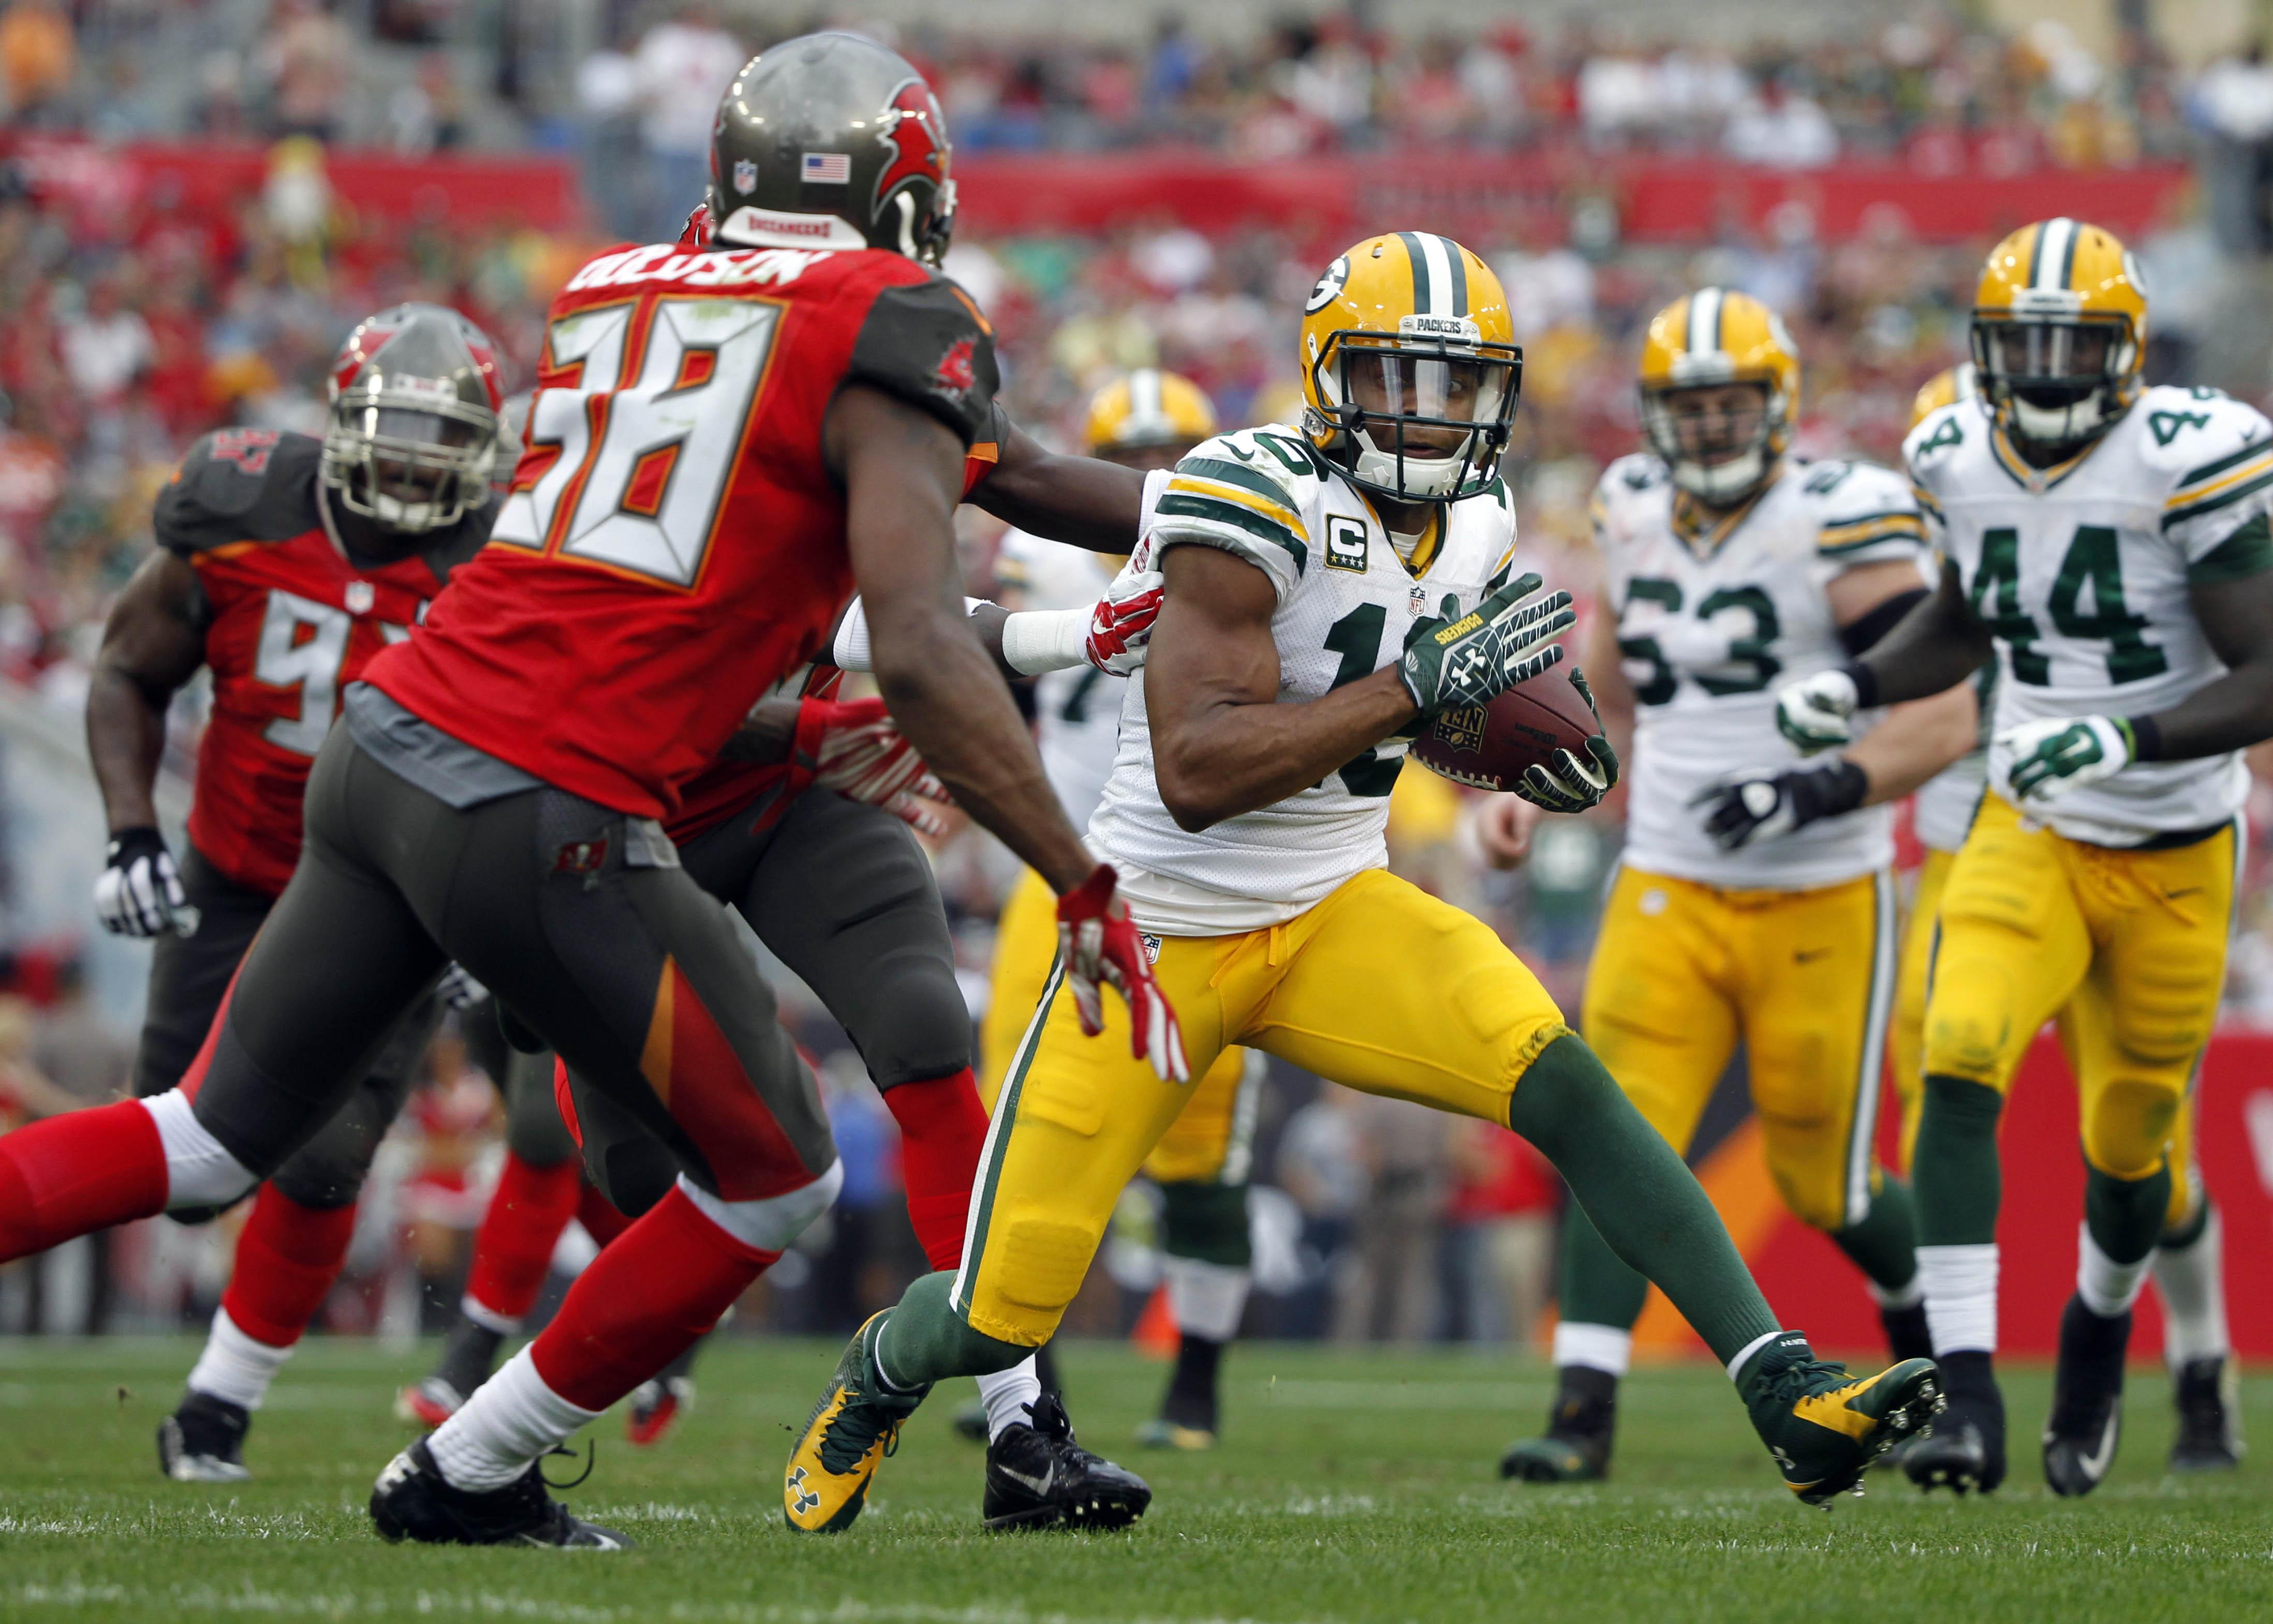 Packers sign second-round draft pick Josh Jones